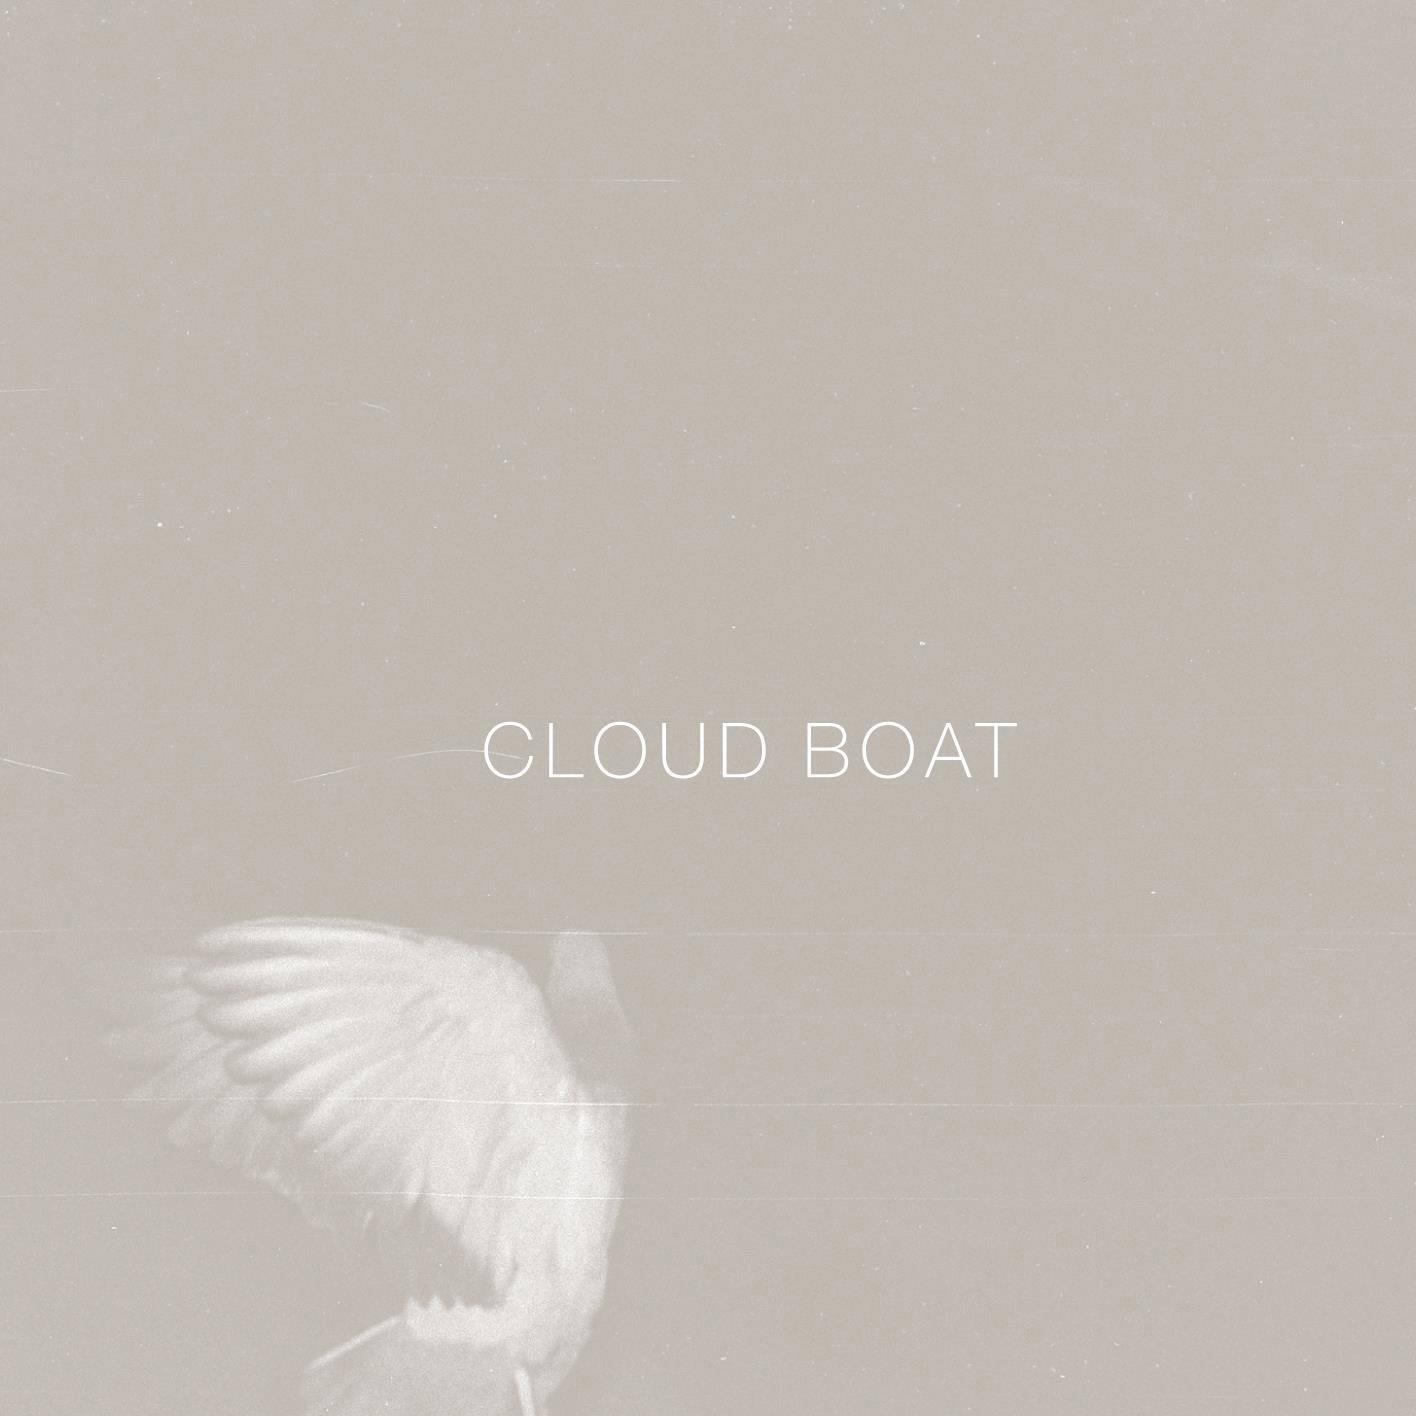 CloudBoat